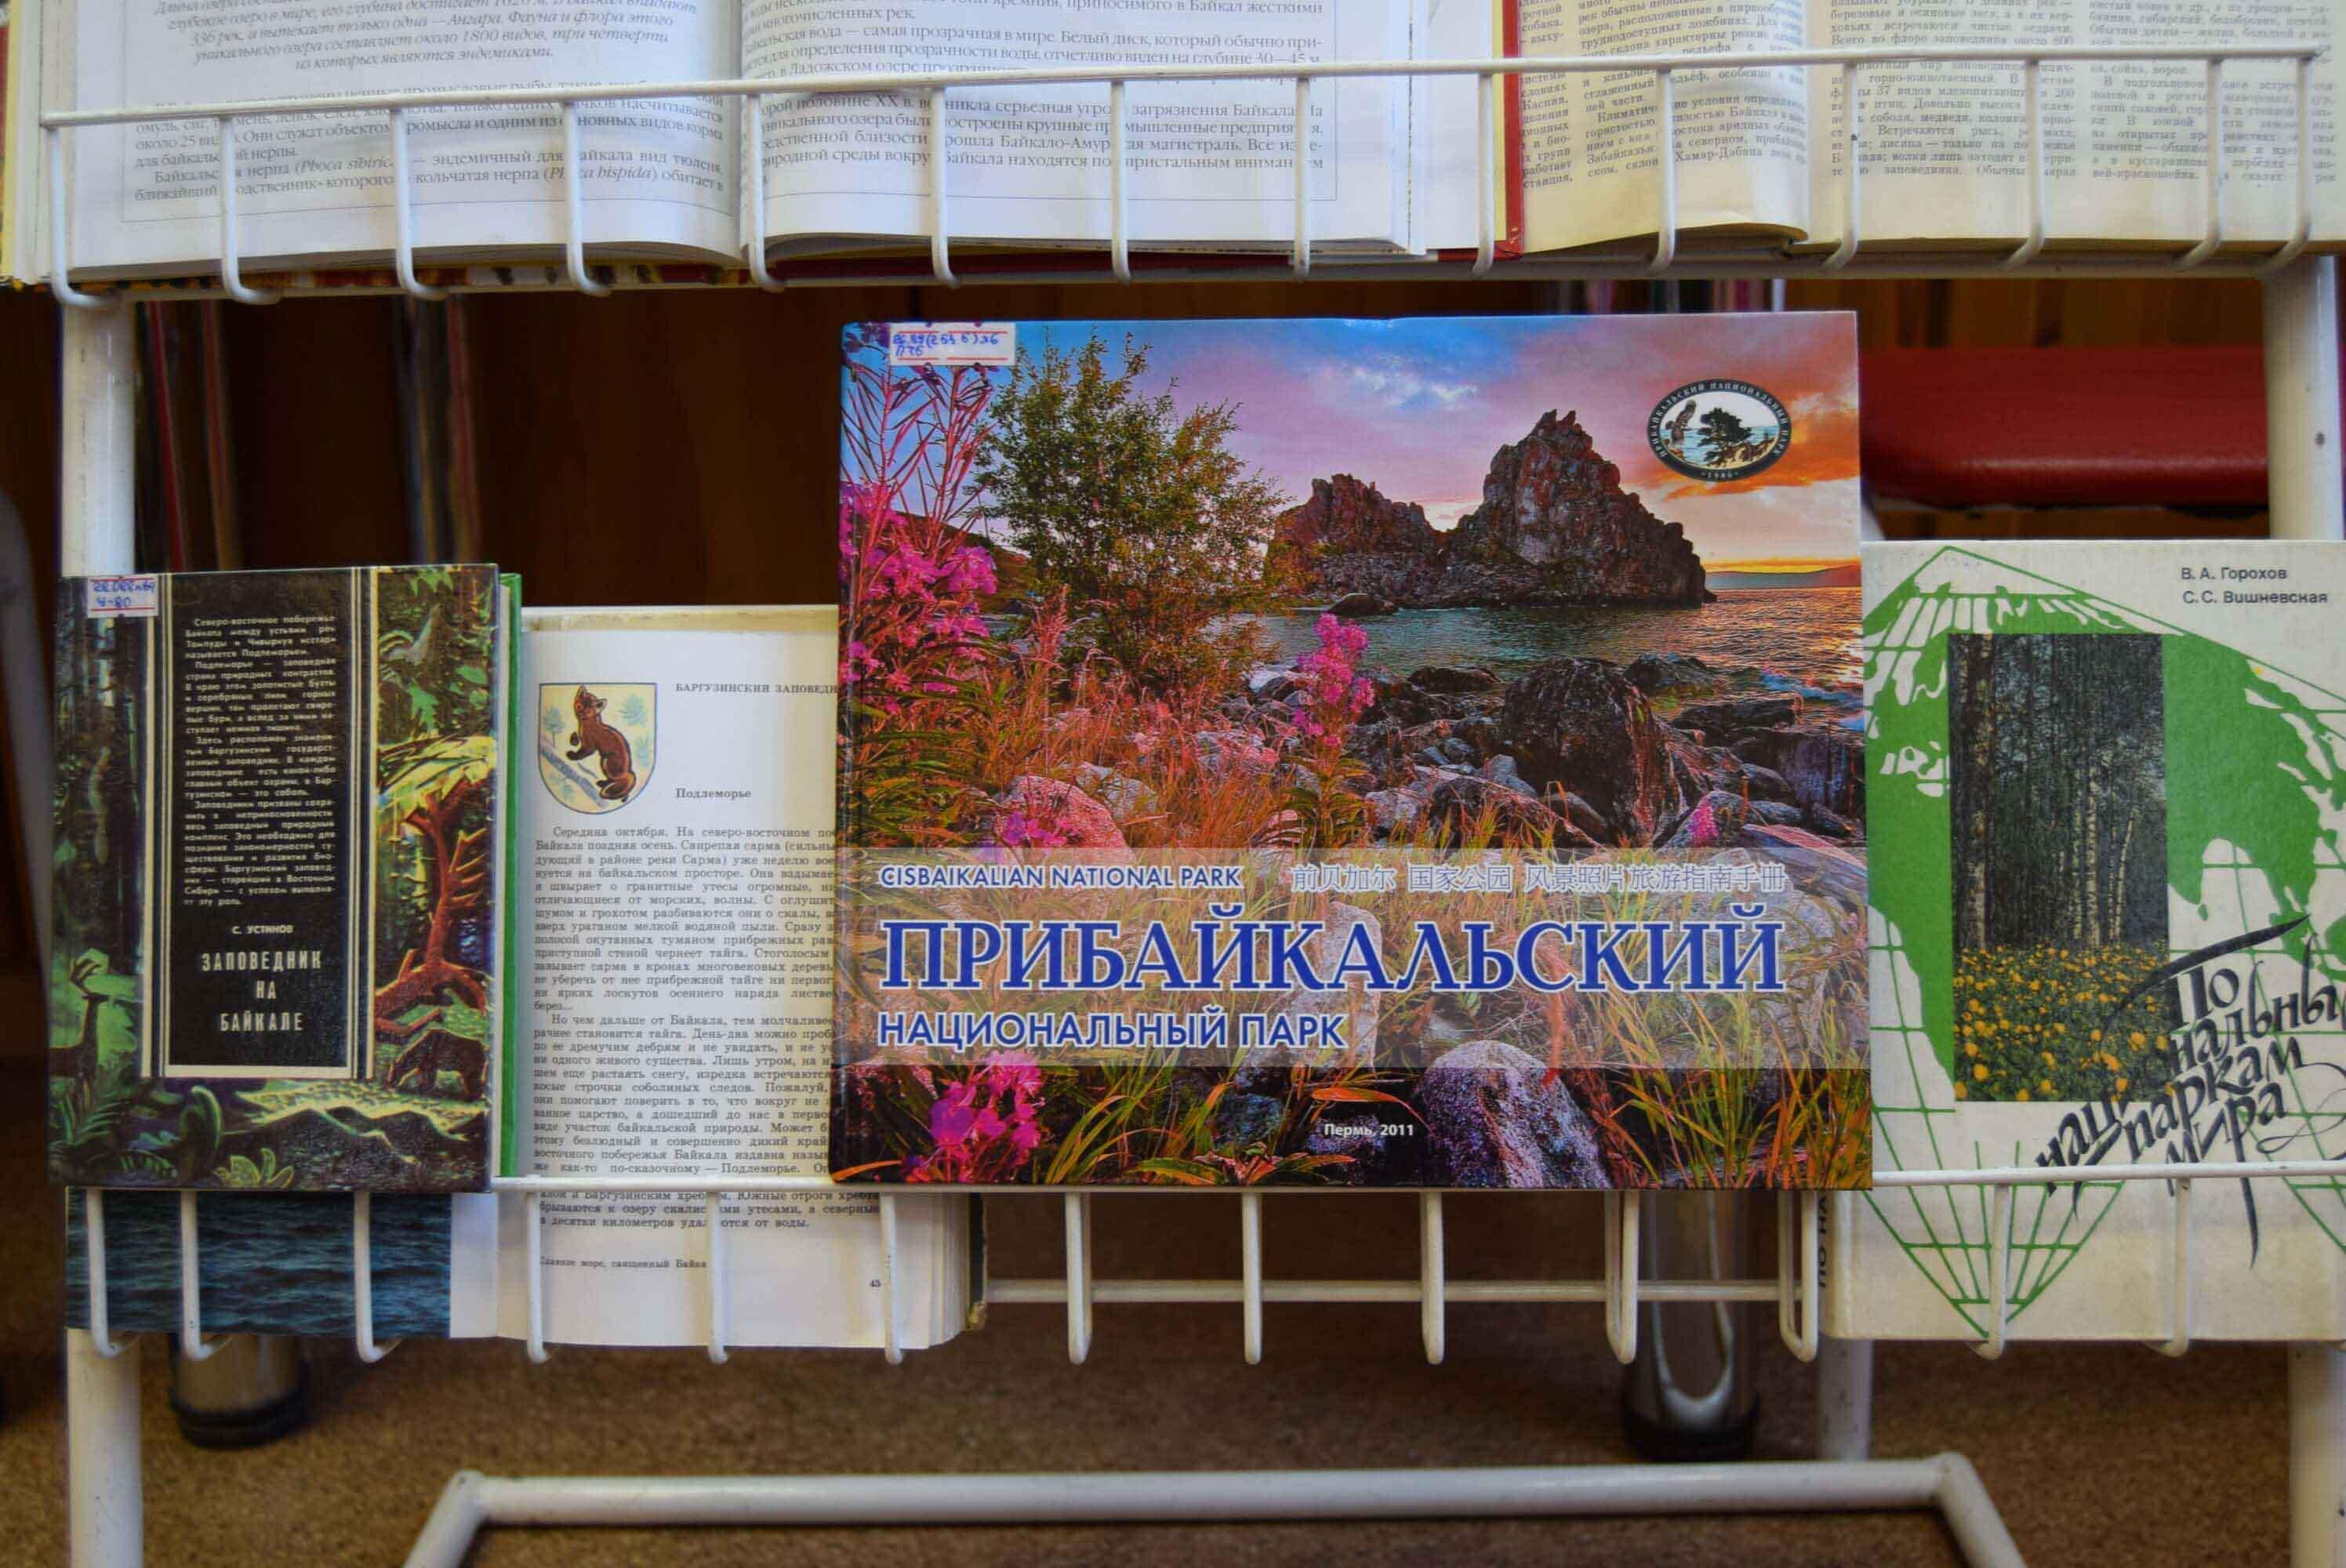 Картинки книжных выставок о природе